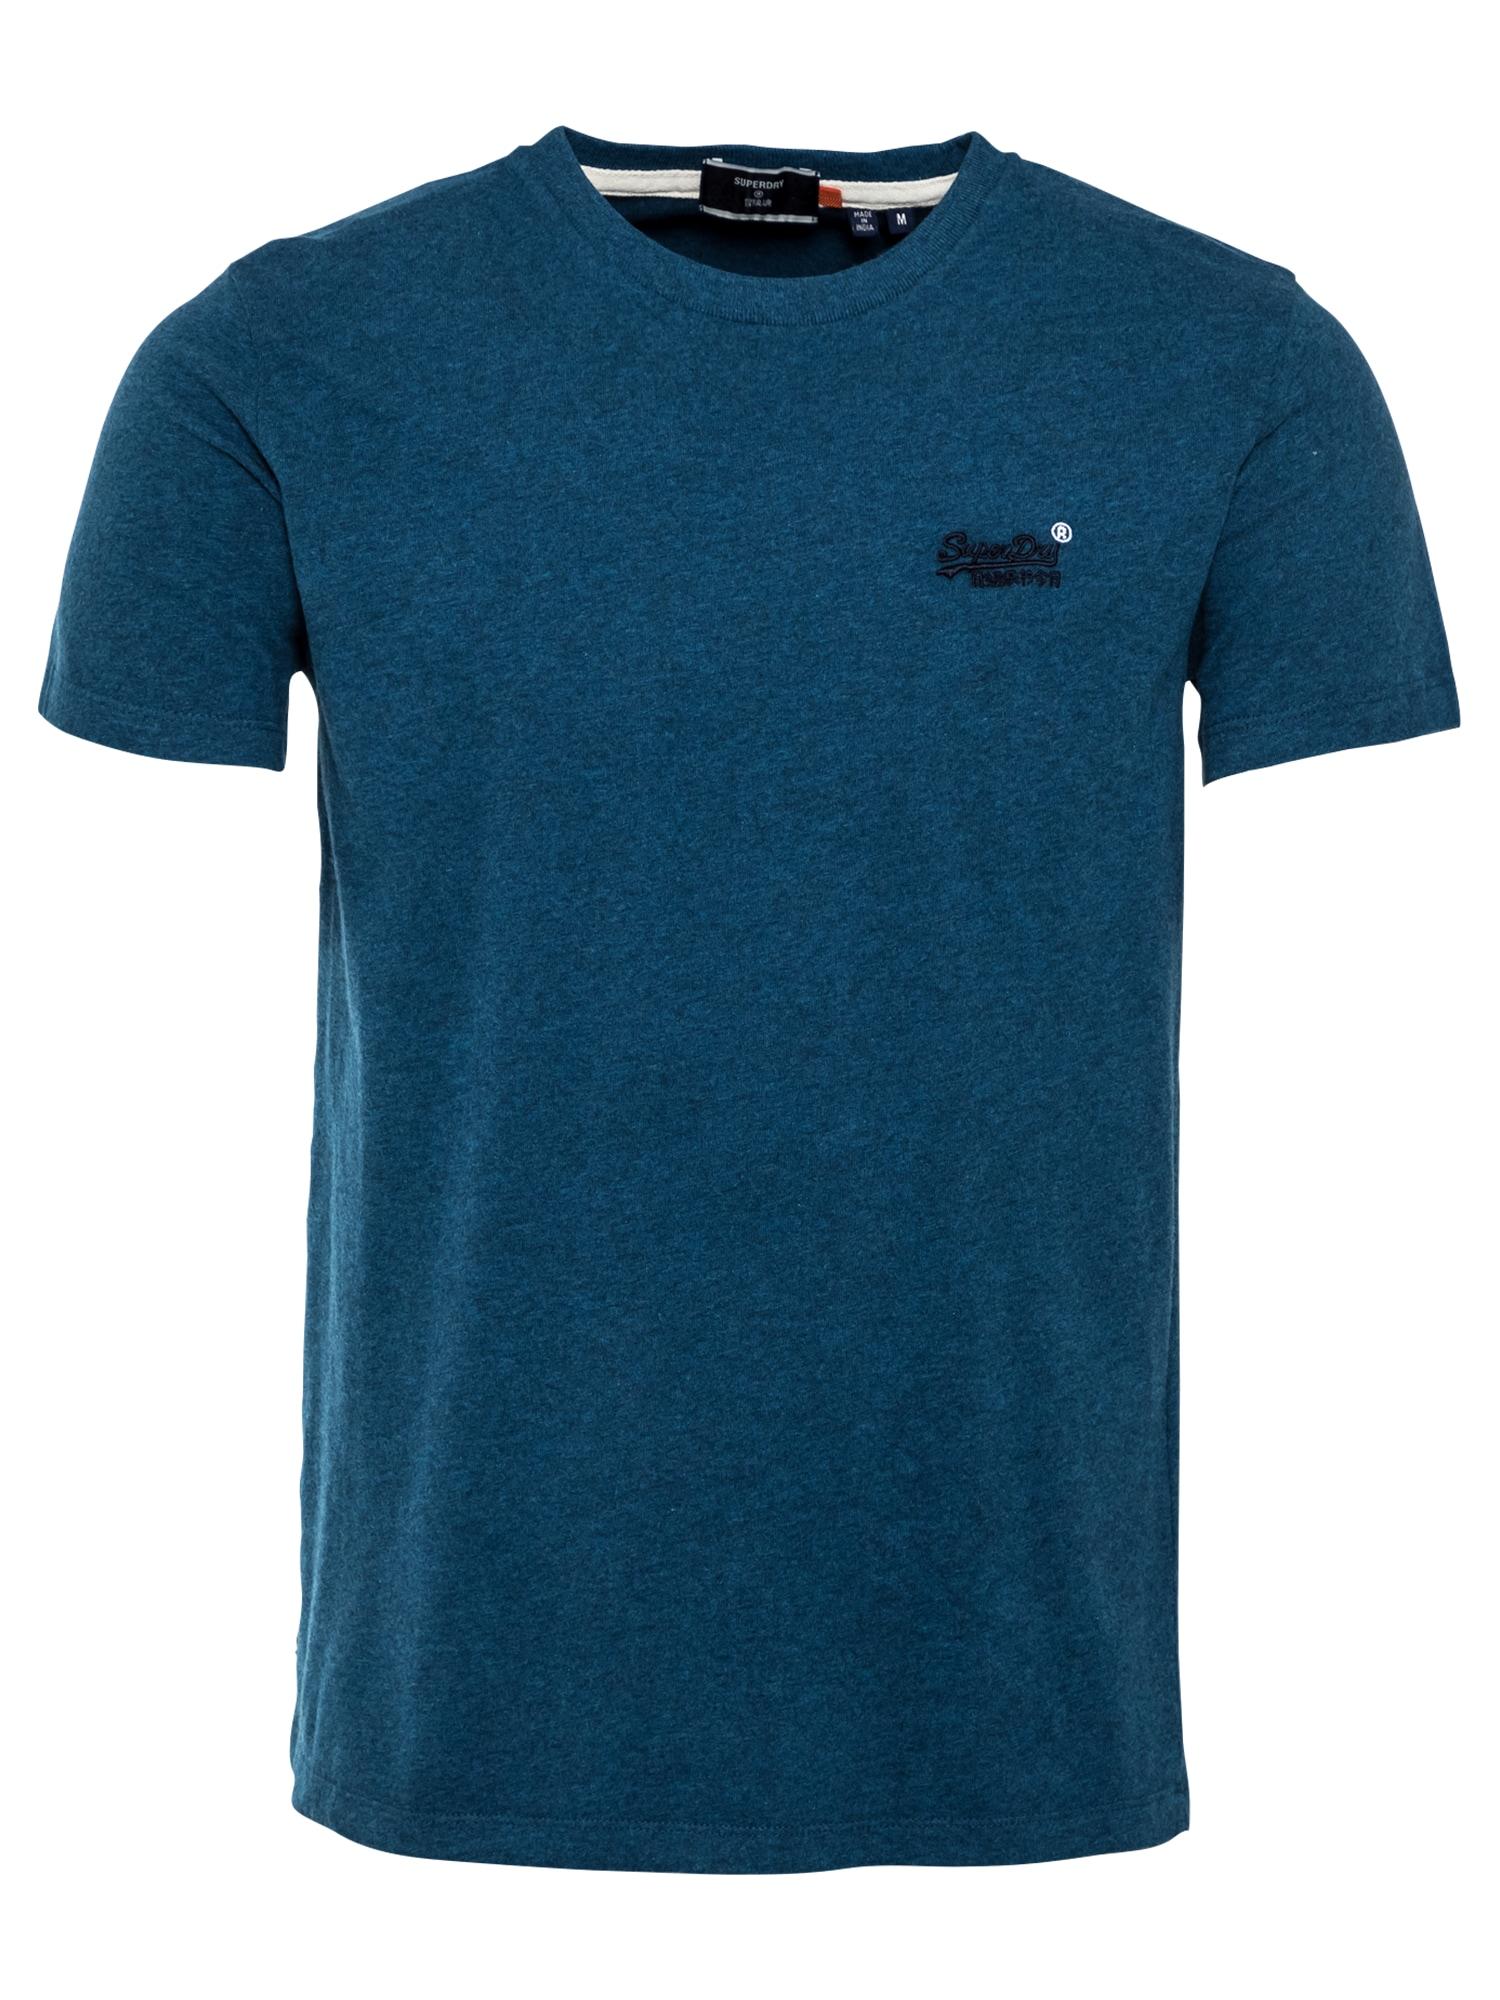 Superdry Marškinėliai 'Vintage' tamsiai mėlyna